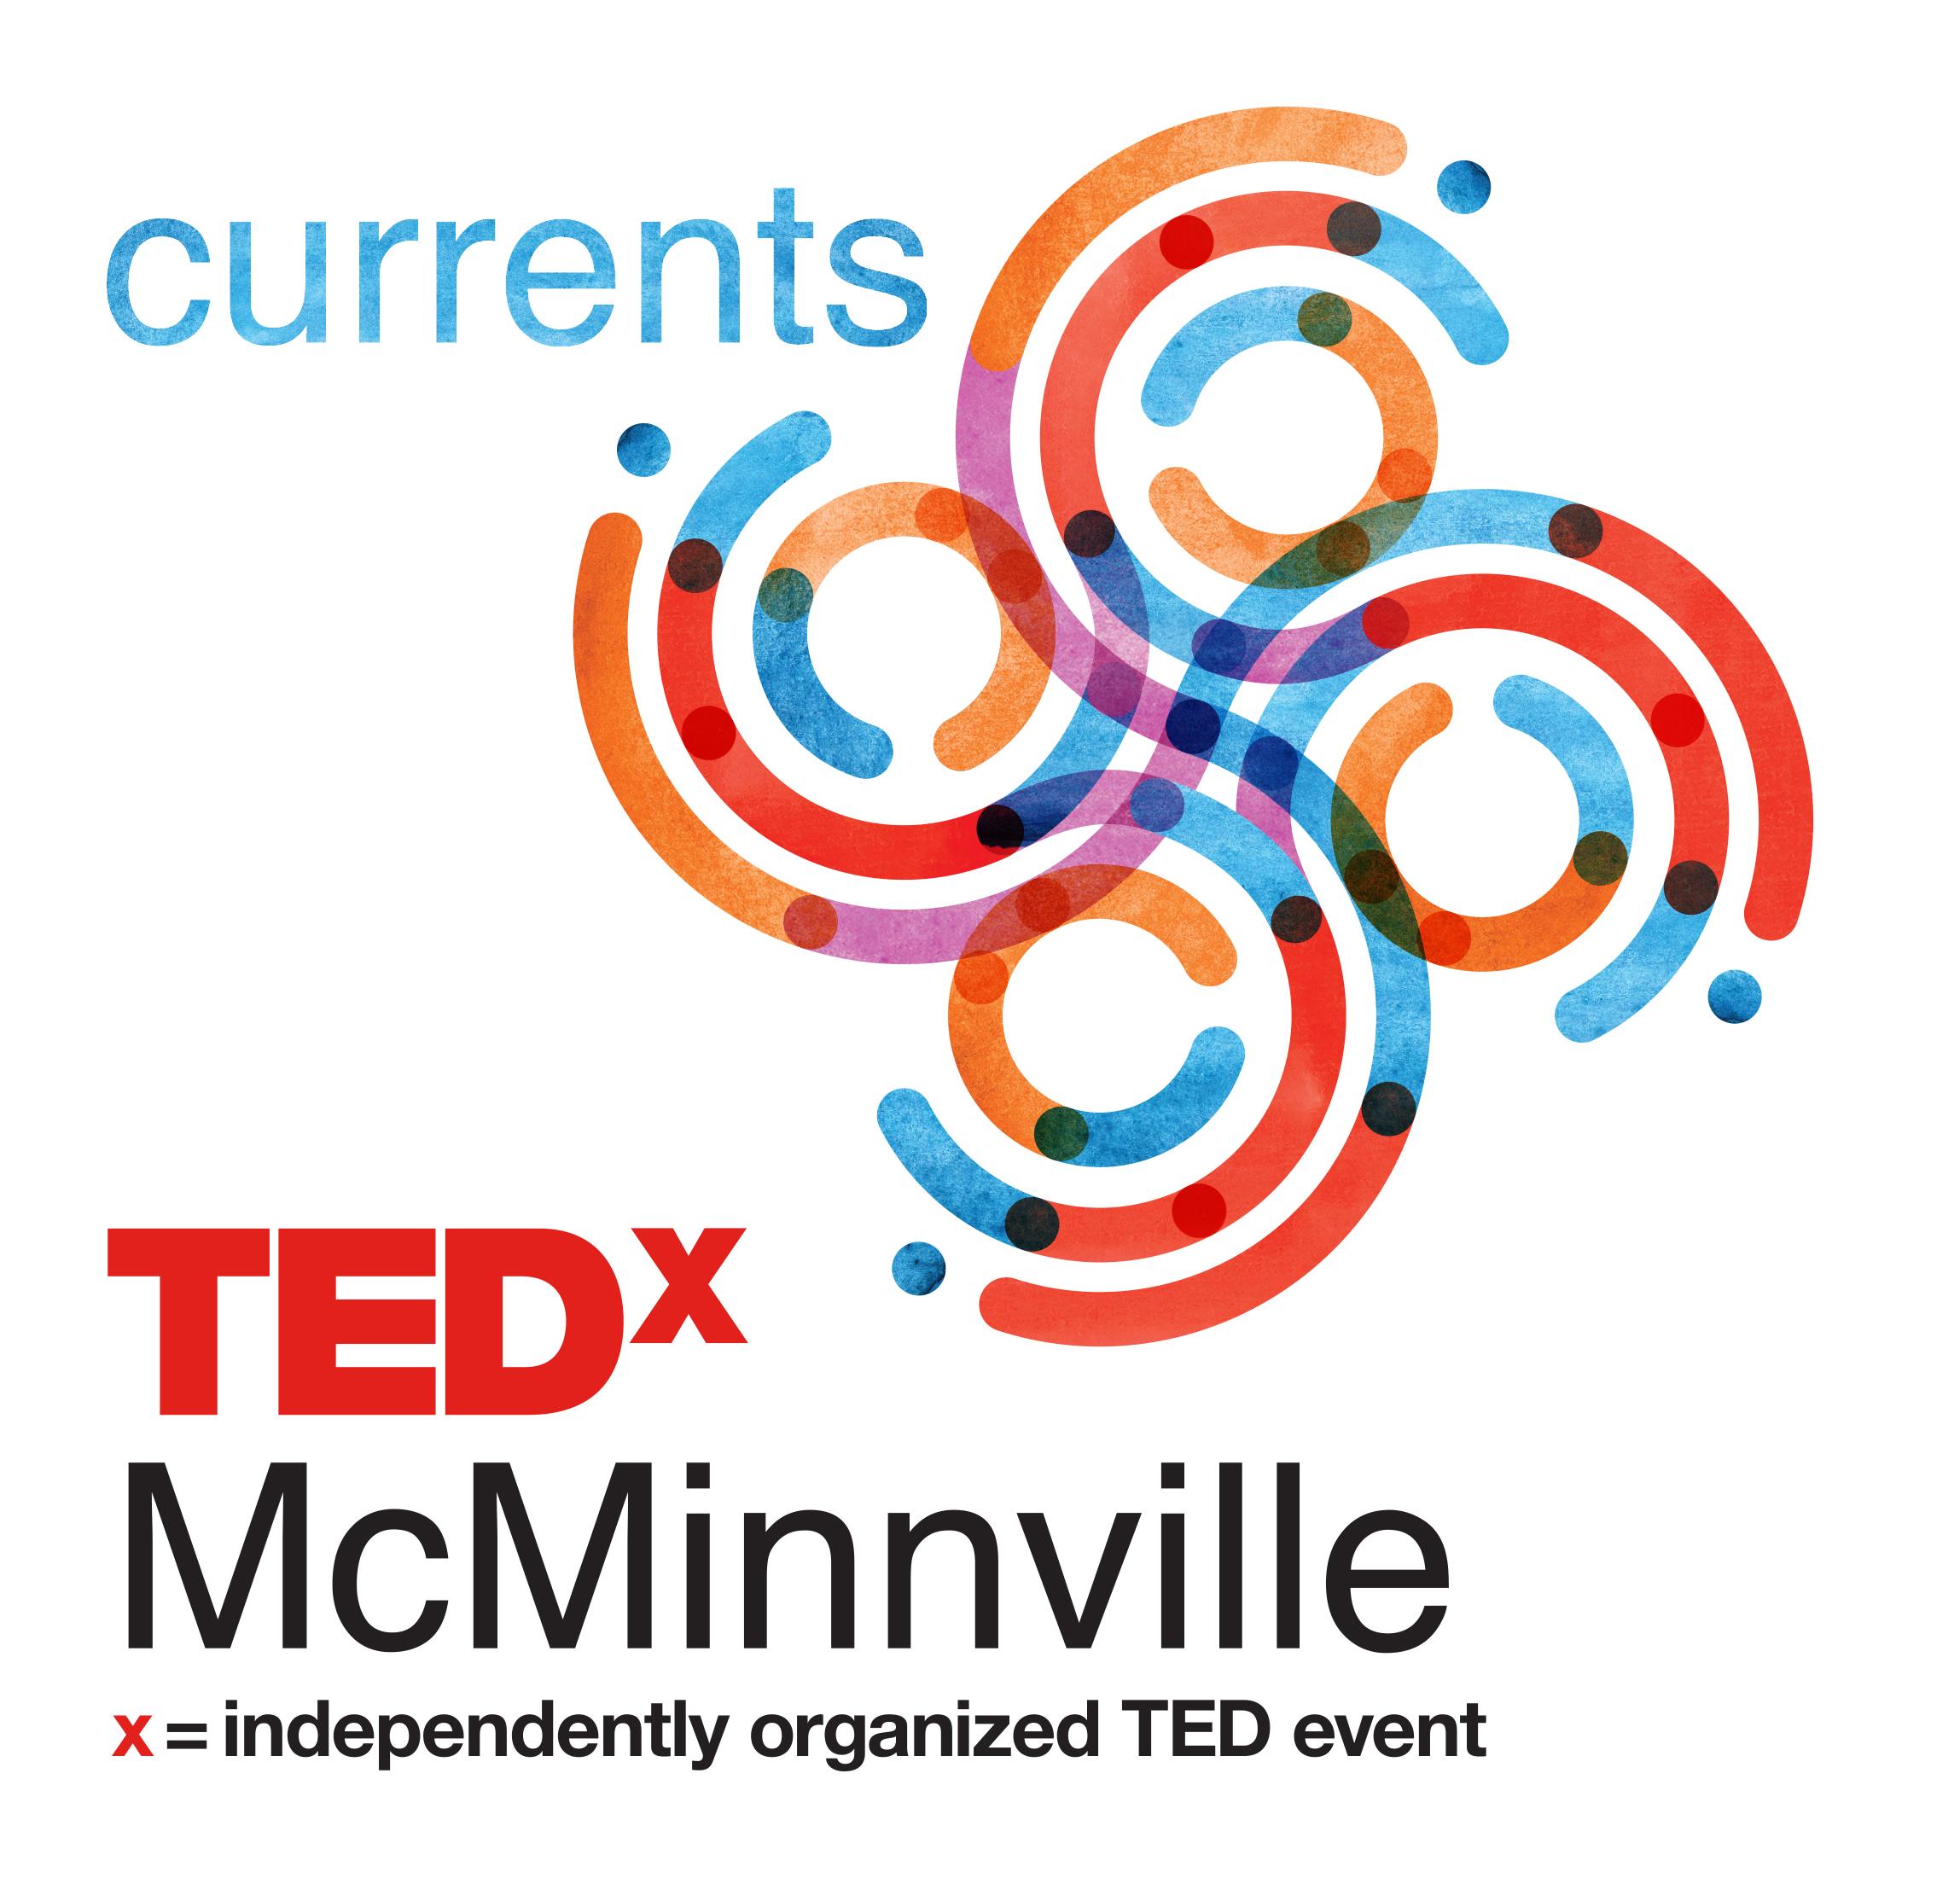 19_TEDxBrandingFinalLogo v2.jpg